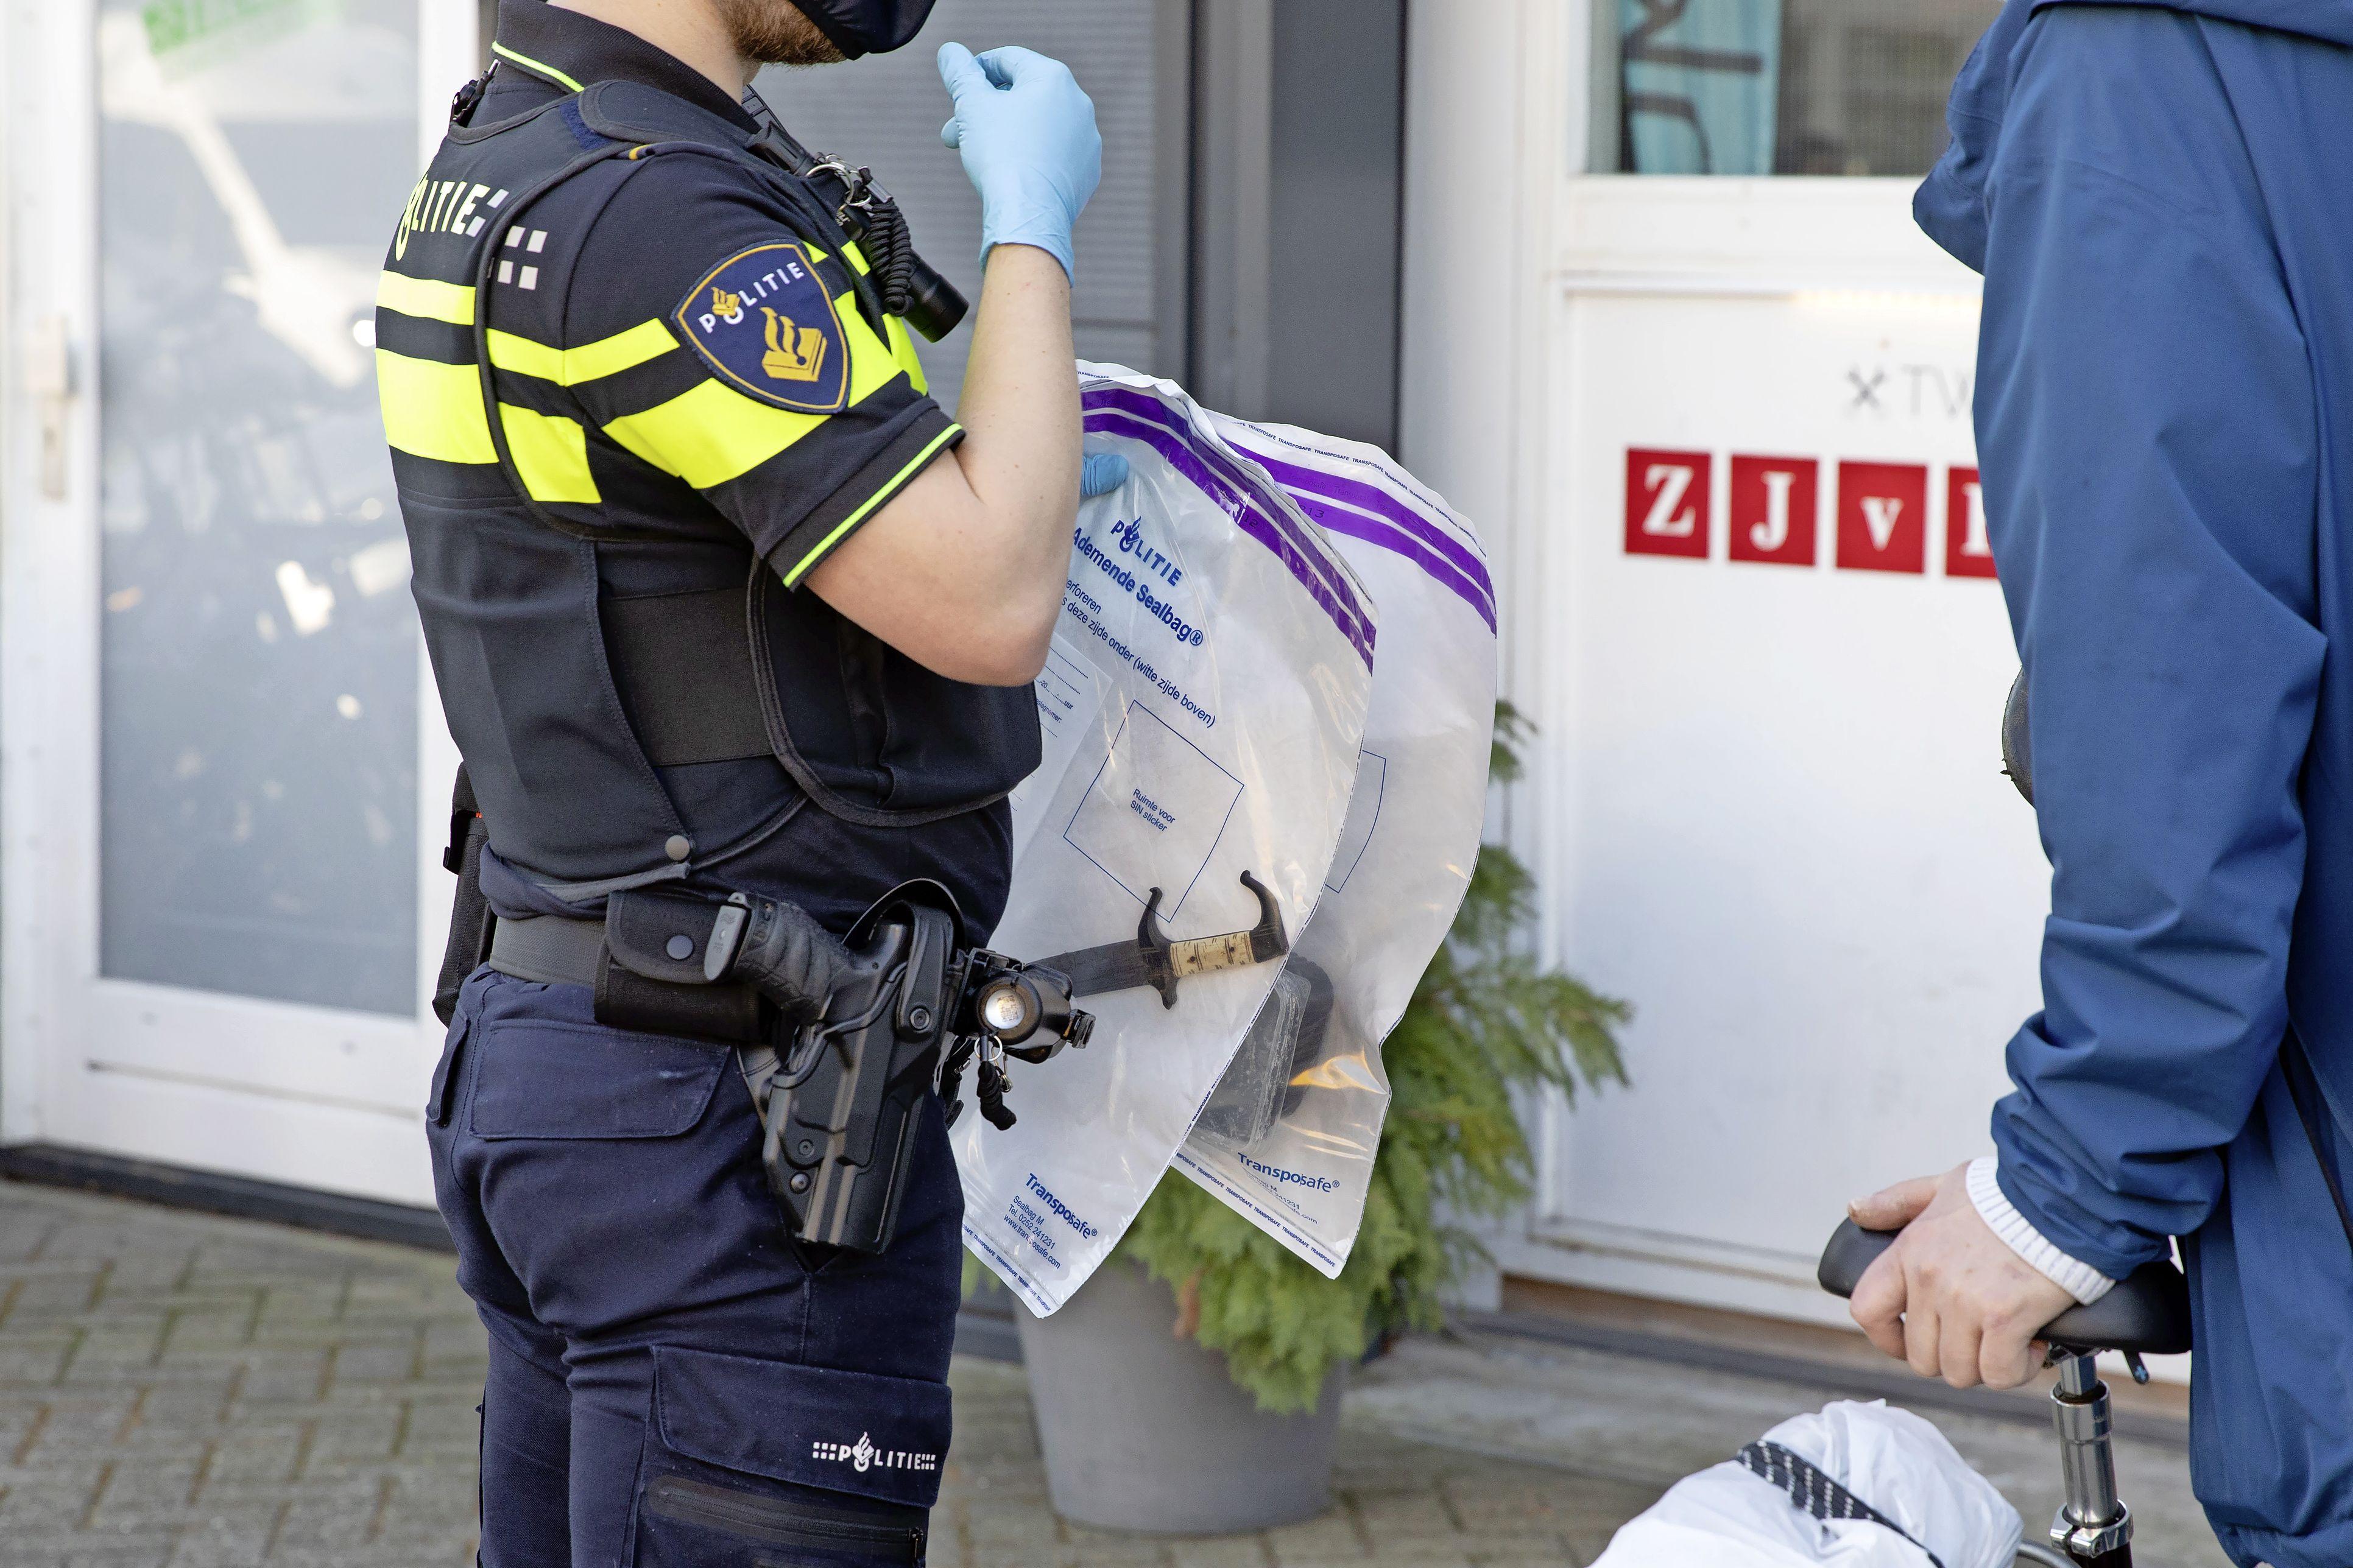 Burgemeester Metz sluit Soester fietsenwinkel voor een jaar na eerdere vondst illegale wapens en drugs; 'Bekendheid van het pand binnen het criminele circuit doorbreken'